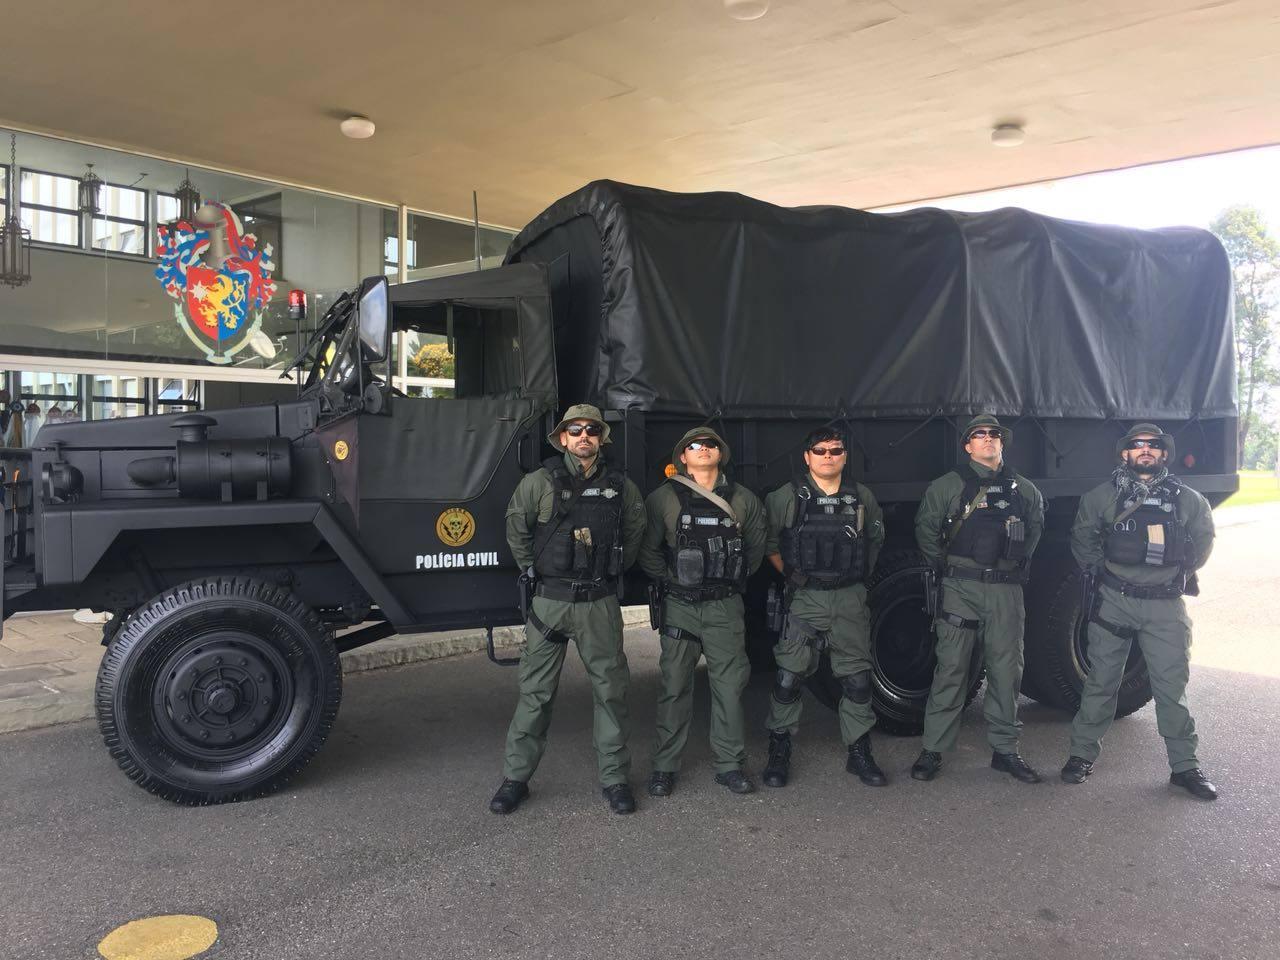 Segurança Pública: Tático Integrado de Grupos de Repressão Especial (T.I.G.R.E.) da Polícia Civil do Paraná (PCPR) recebe viaturas doadas pelo Exército Brasileiro